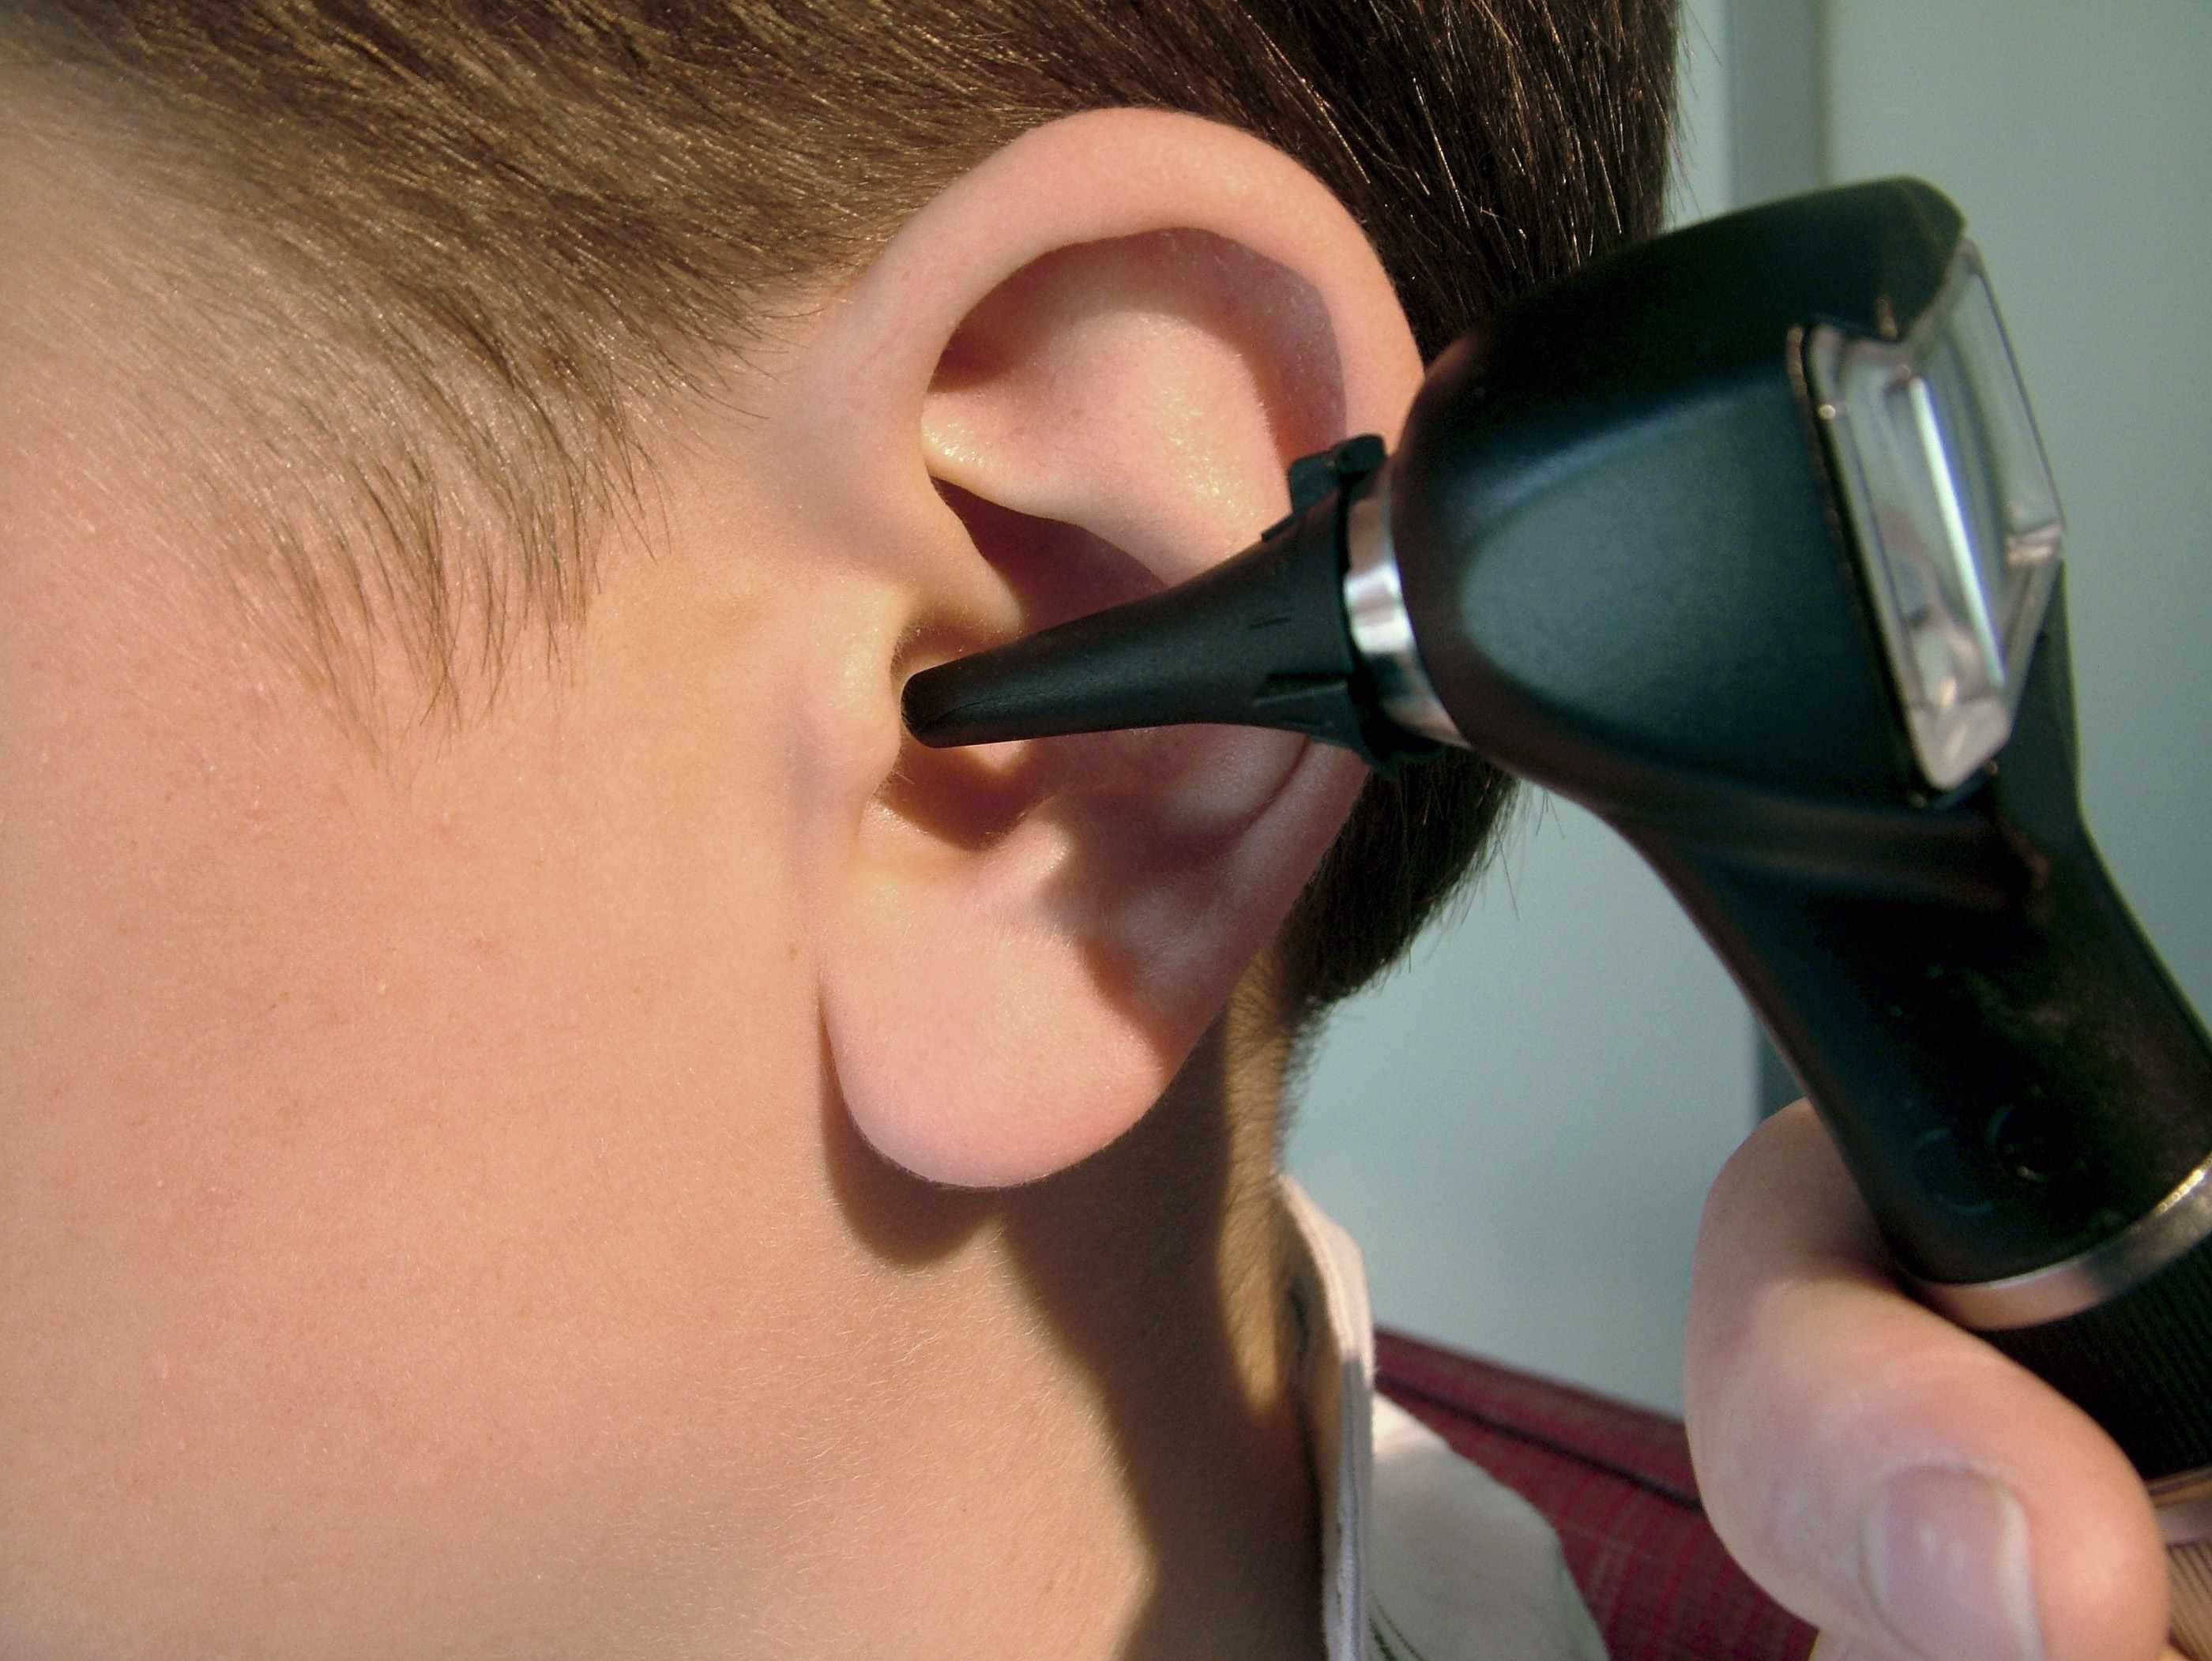 Fullsize Of Ear Infection Hydrogen Peroxide